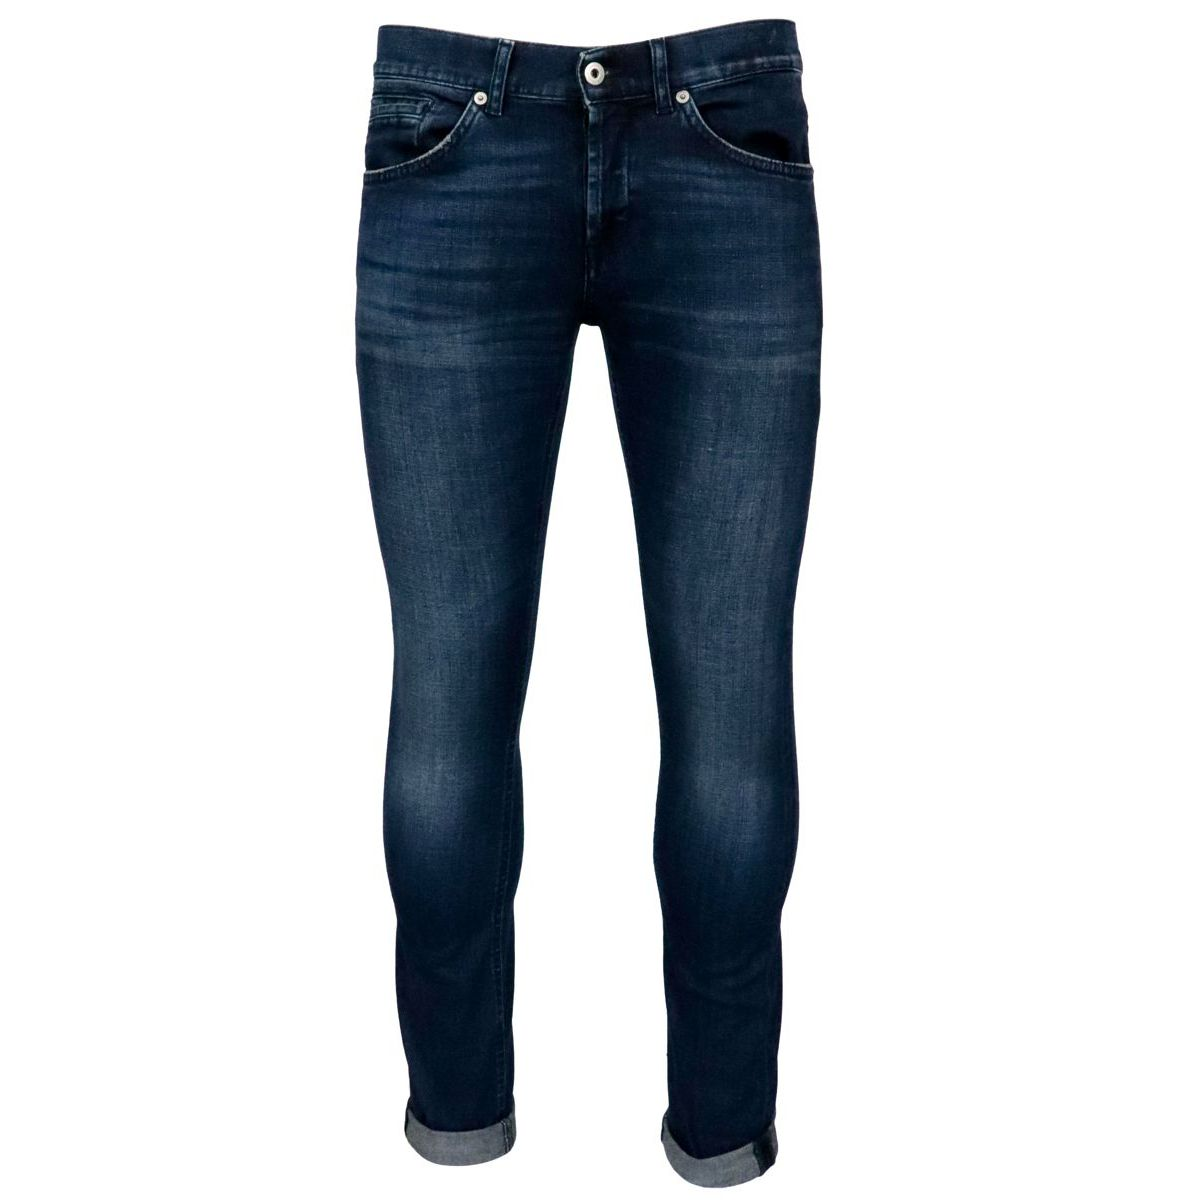 George skinny jeans in dark denim Dark denim Dondup